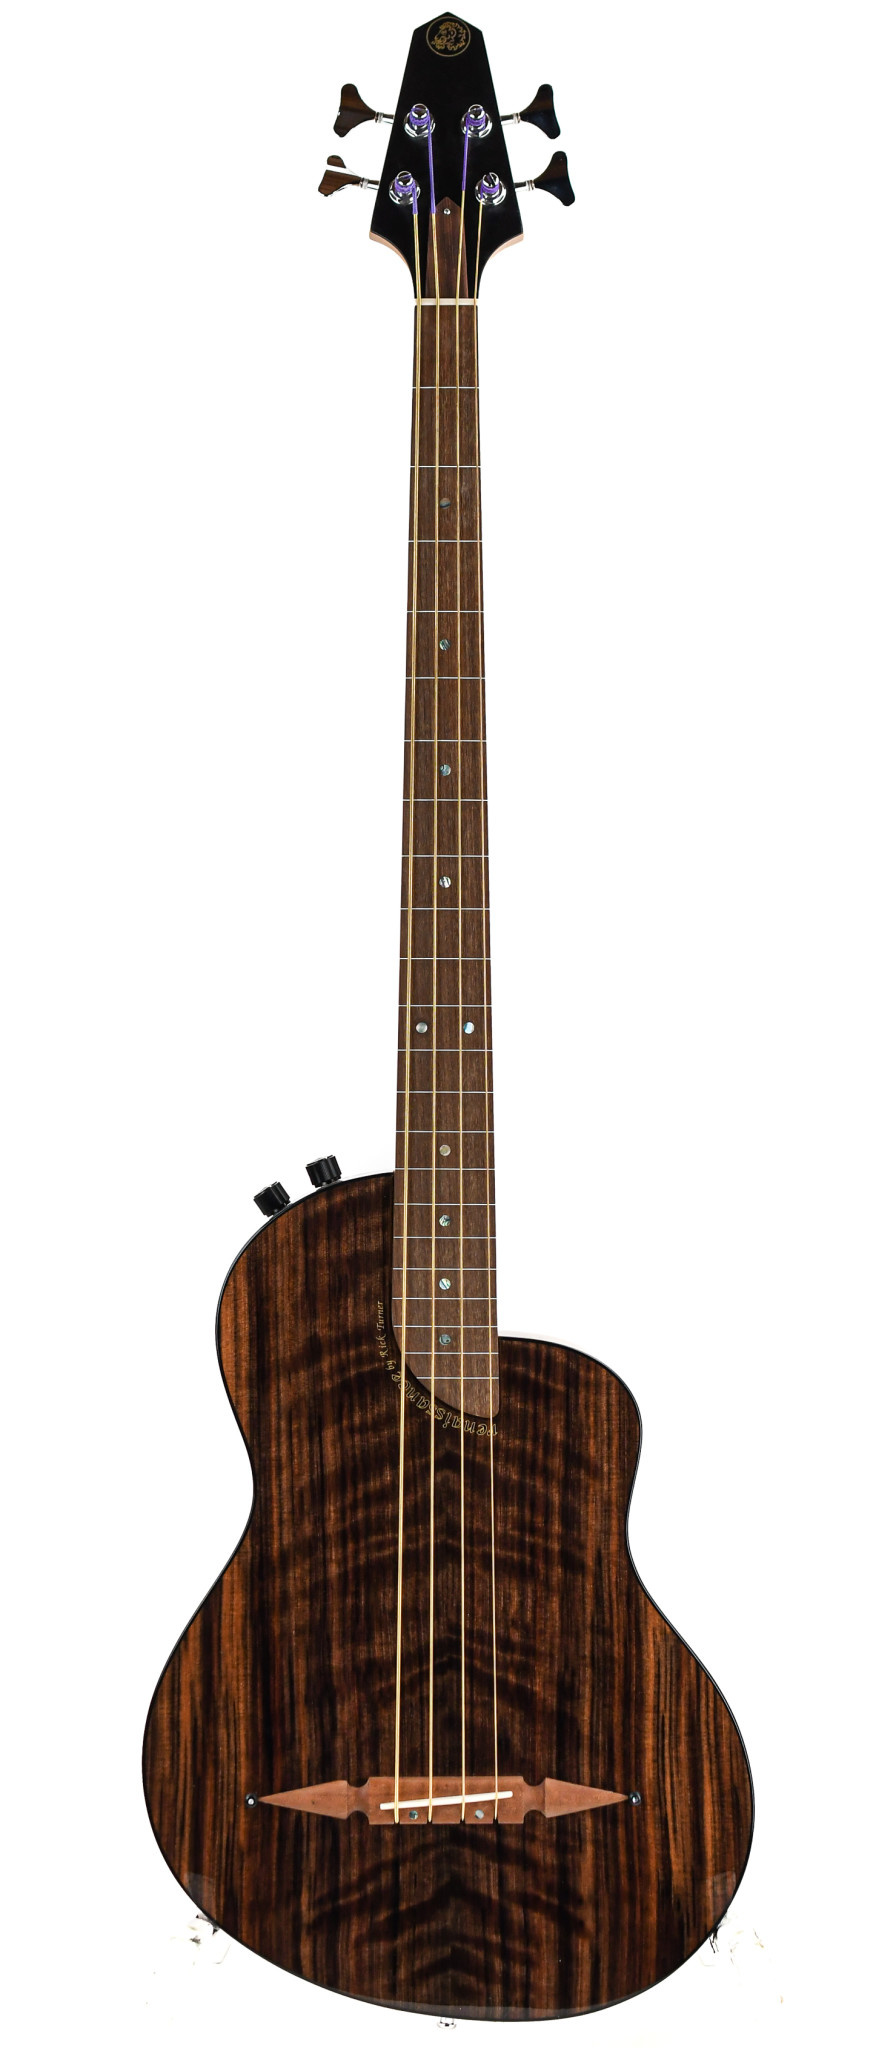 Rick Turner RB4FL Renaissance Deluxe Redwood Fretless Bass